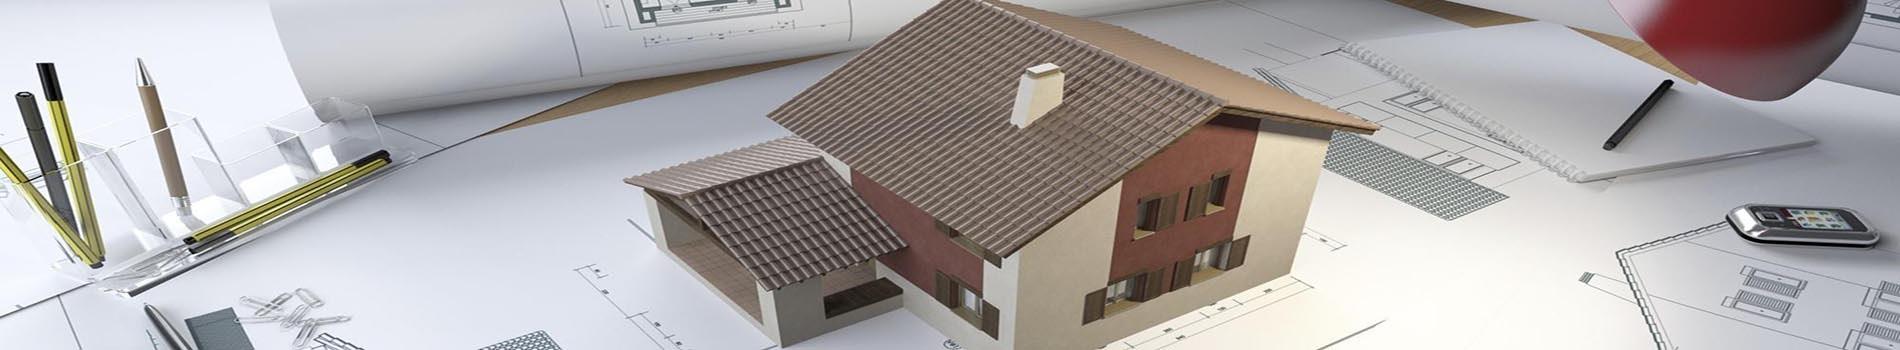 Desideri Vendere il Tuo immobile o Affittare?